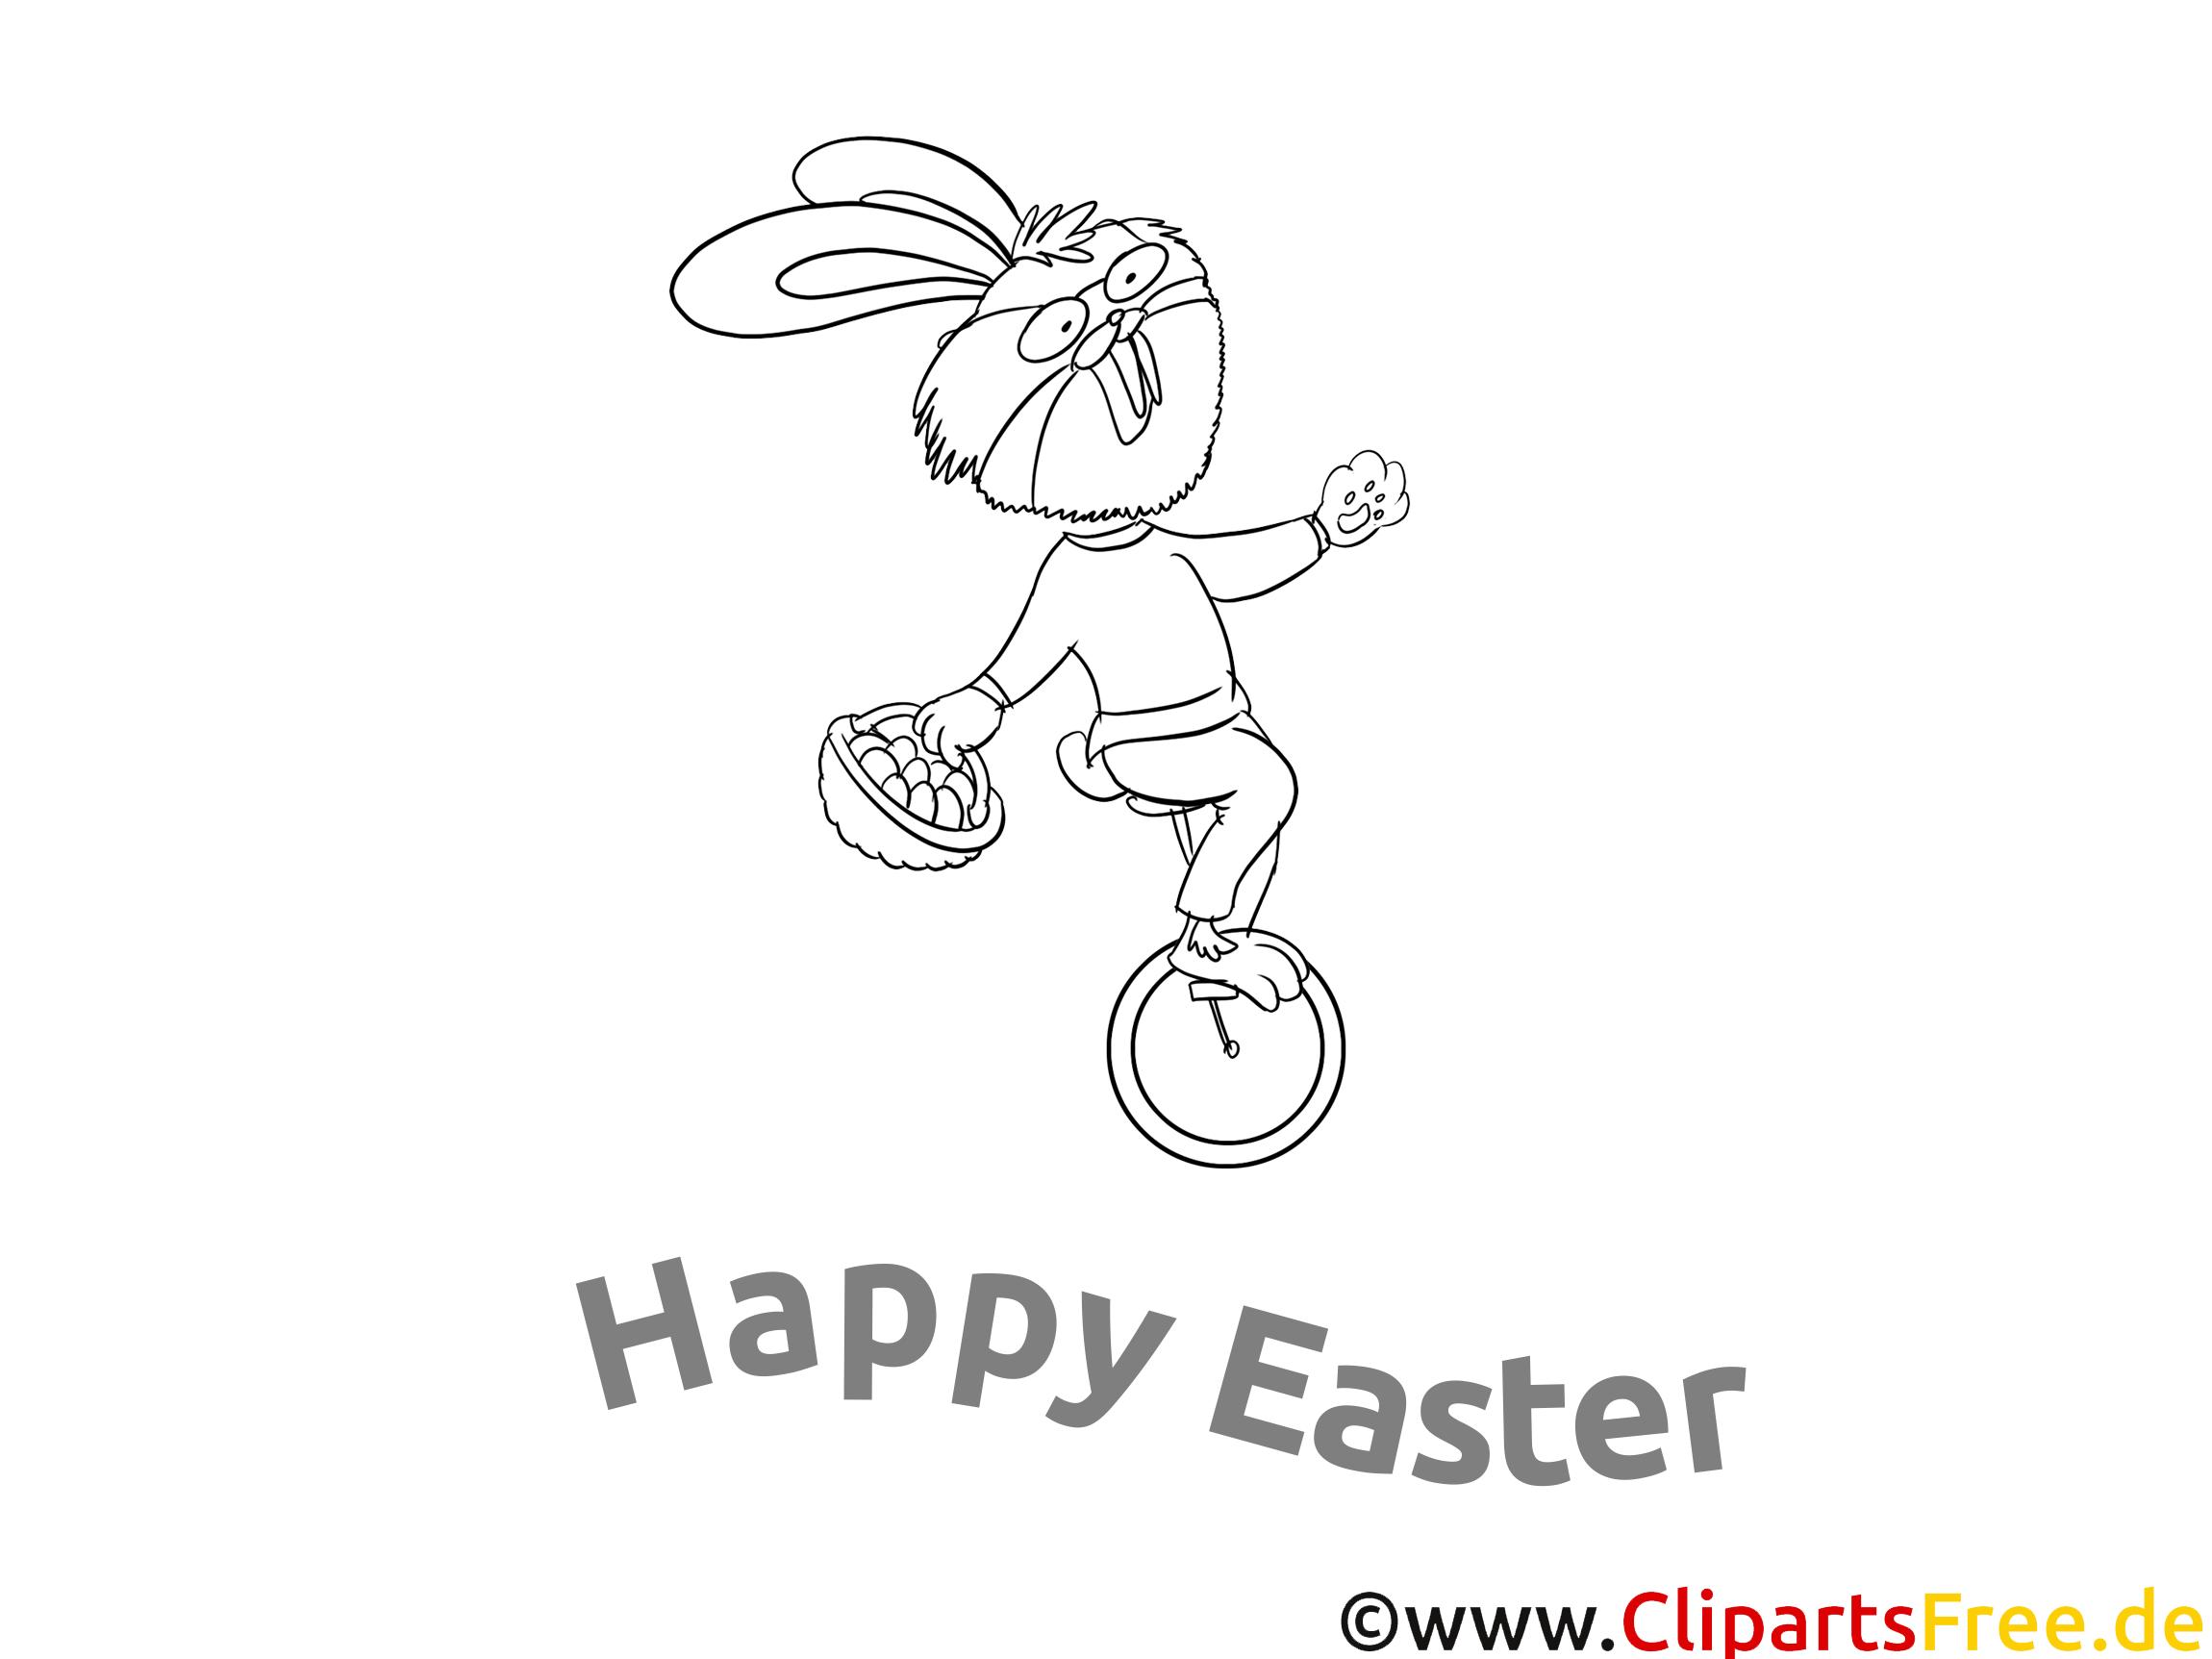 Ausmal Bilder kostenlos für Ostern